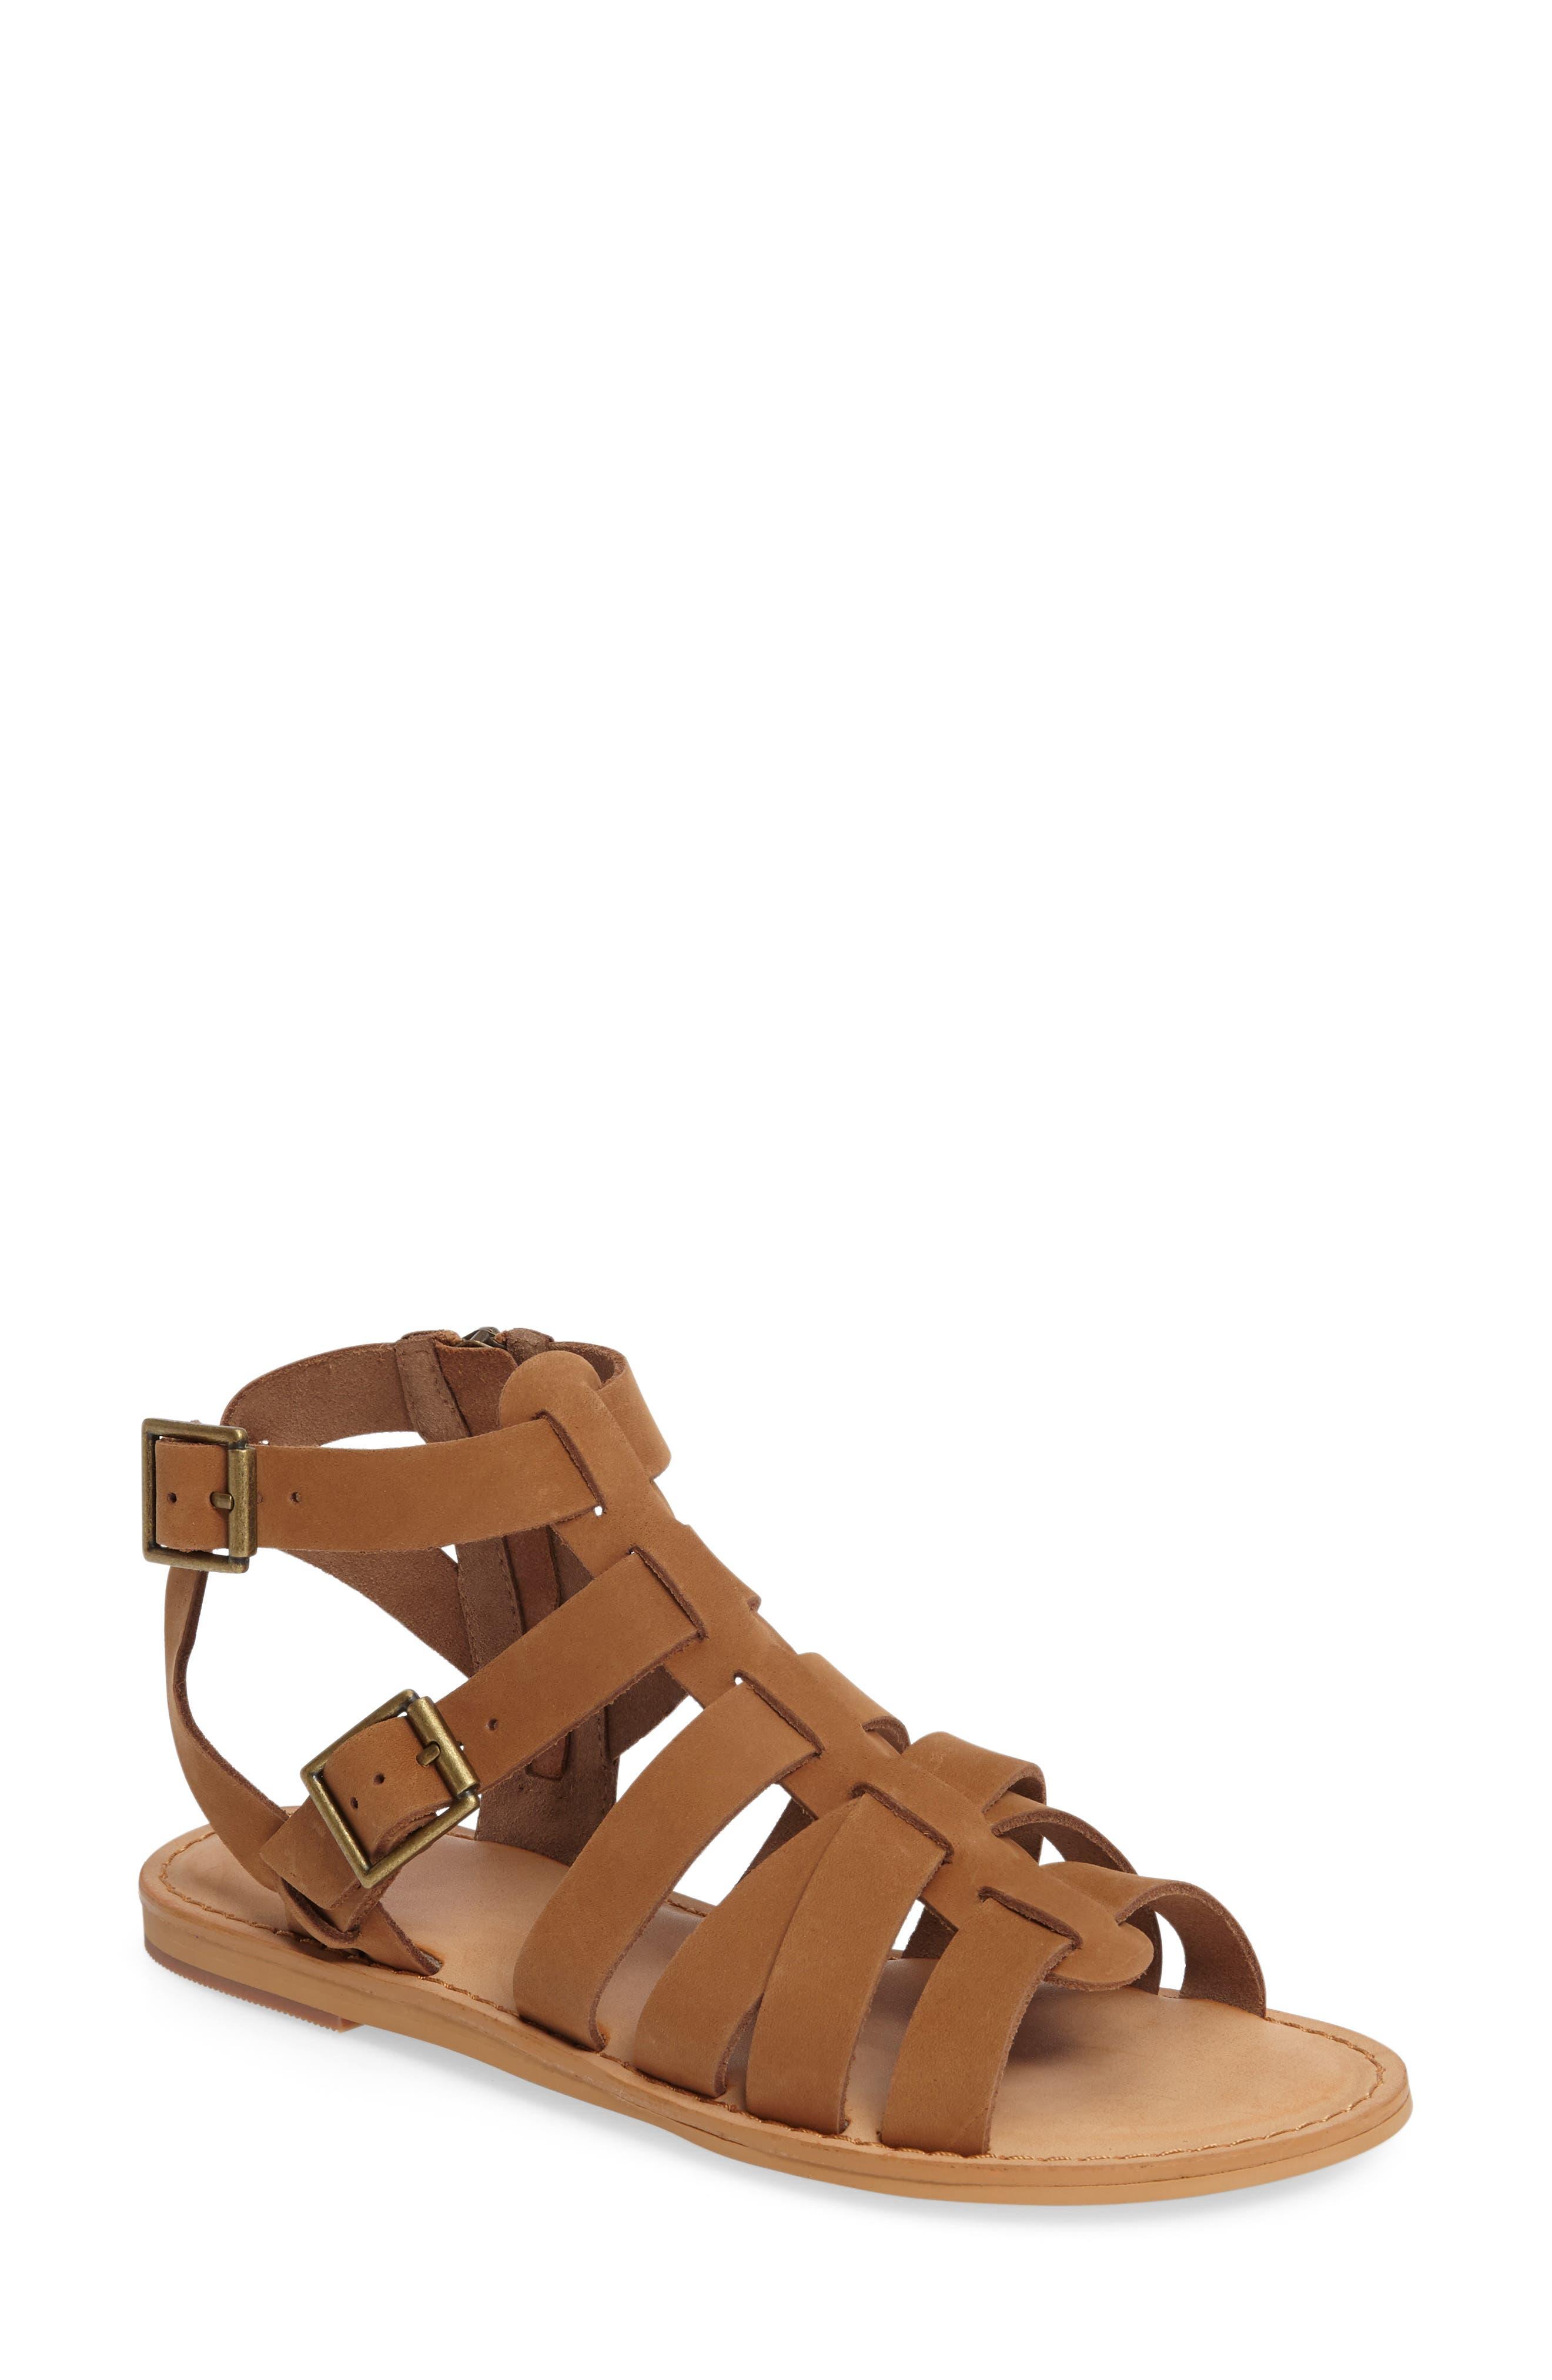 Alternate Image 1 Selected - BP. Britt Gladiator Sandal (Women)